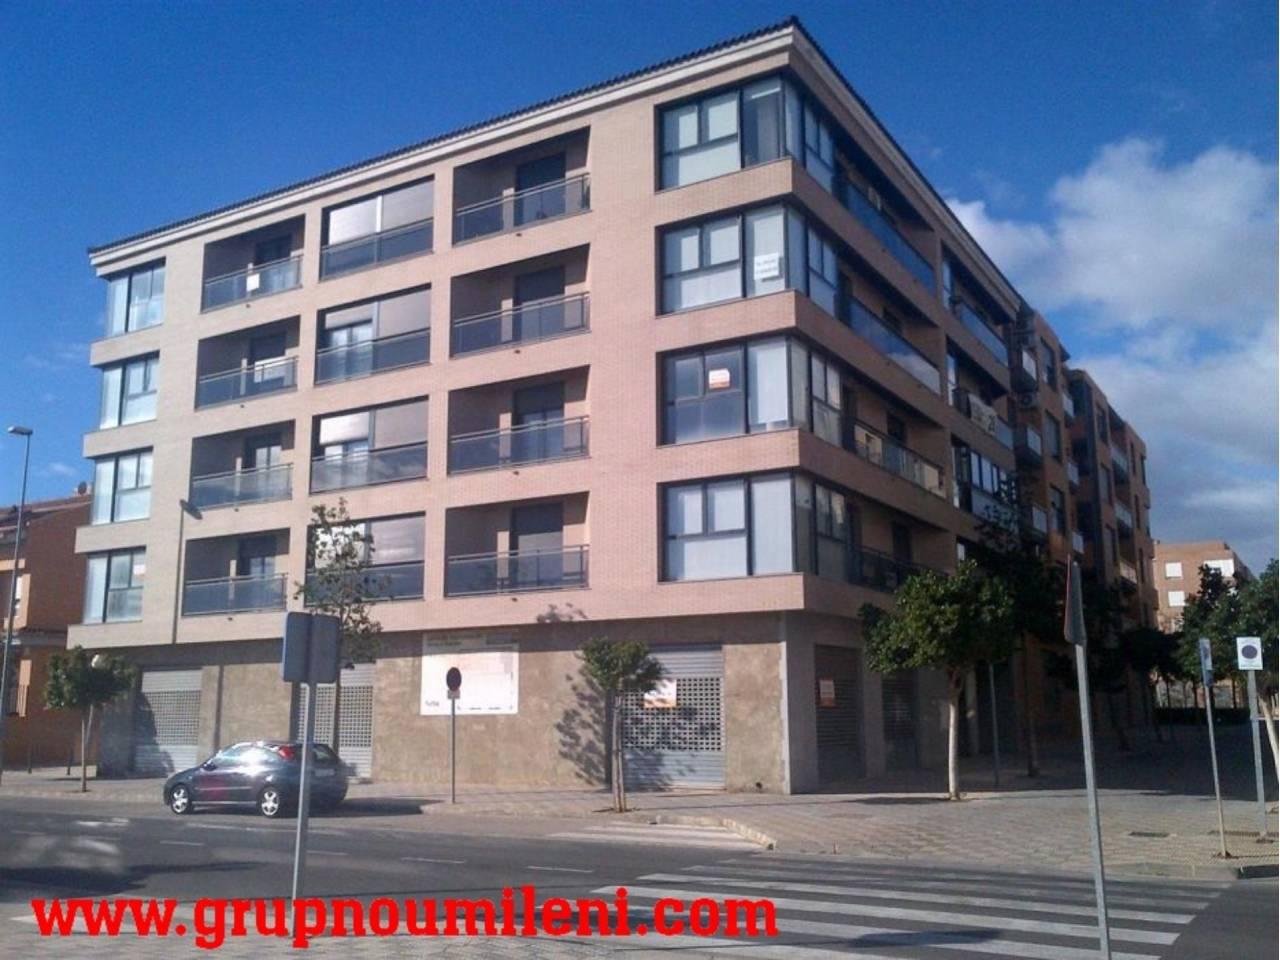 Lloguer Local Comercial  Calle diputacion. Superficie total 400 m², local comercial superficie solar 400 m²